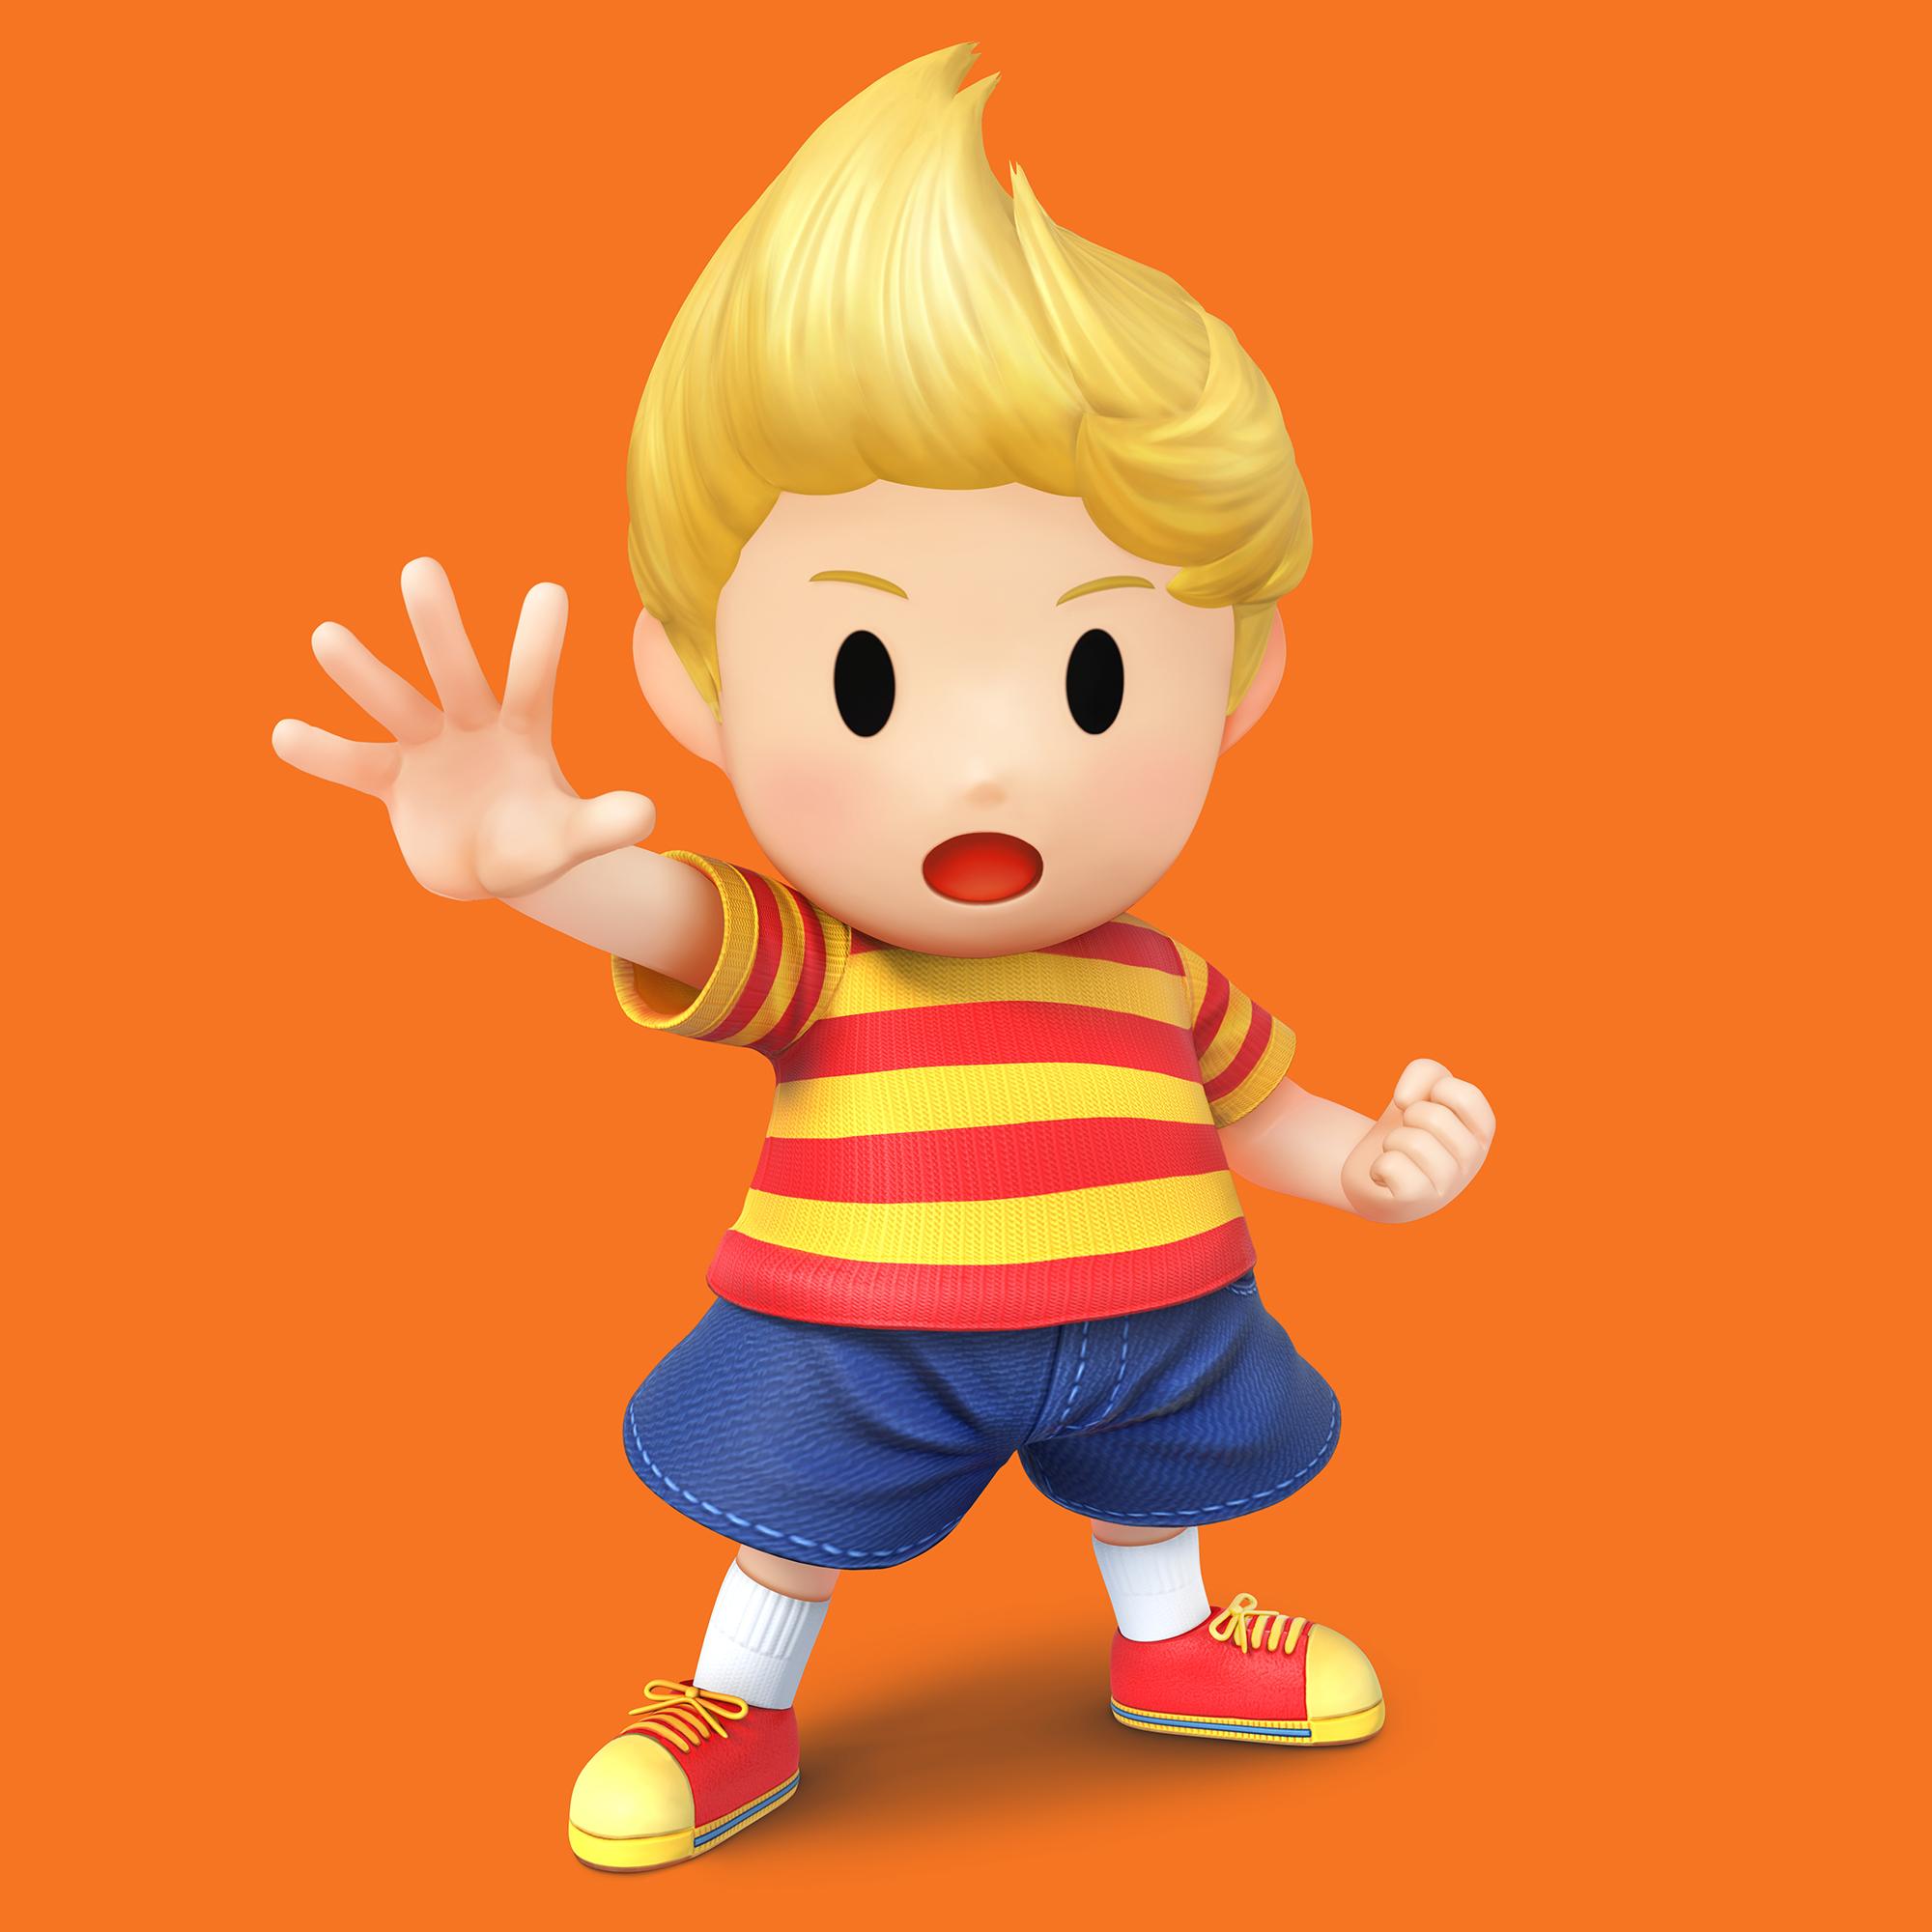 Confira as imagens e trailer dos trajes dos personagens de Super Smash Bros